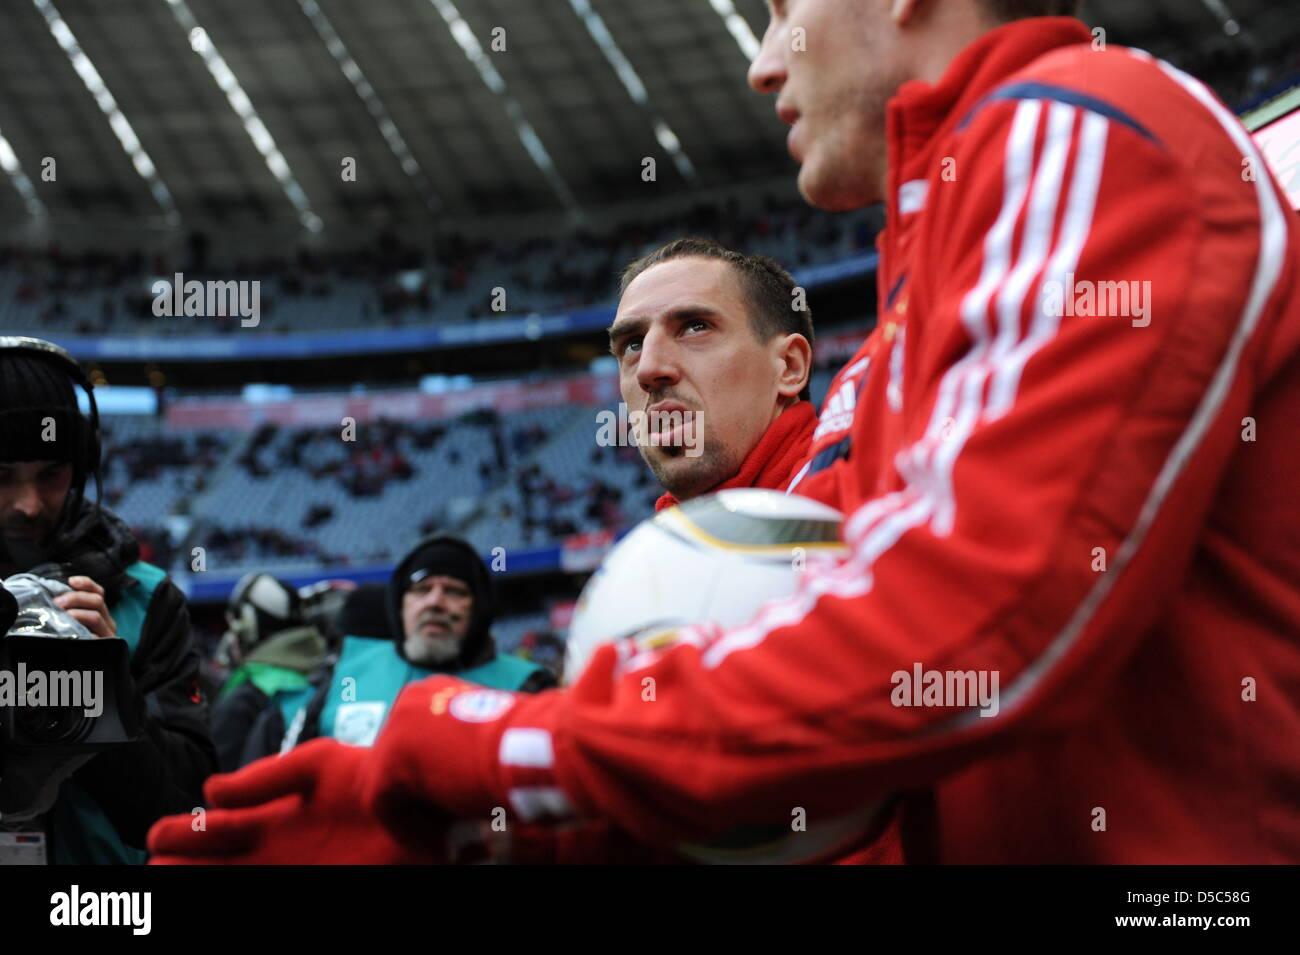 Großartig Fußball Helm Färbung Seite Ideen - Malvorlagen Von Tieren ...